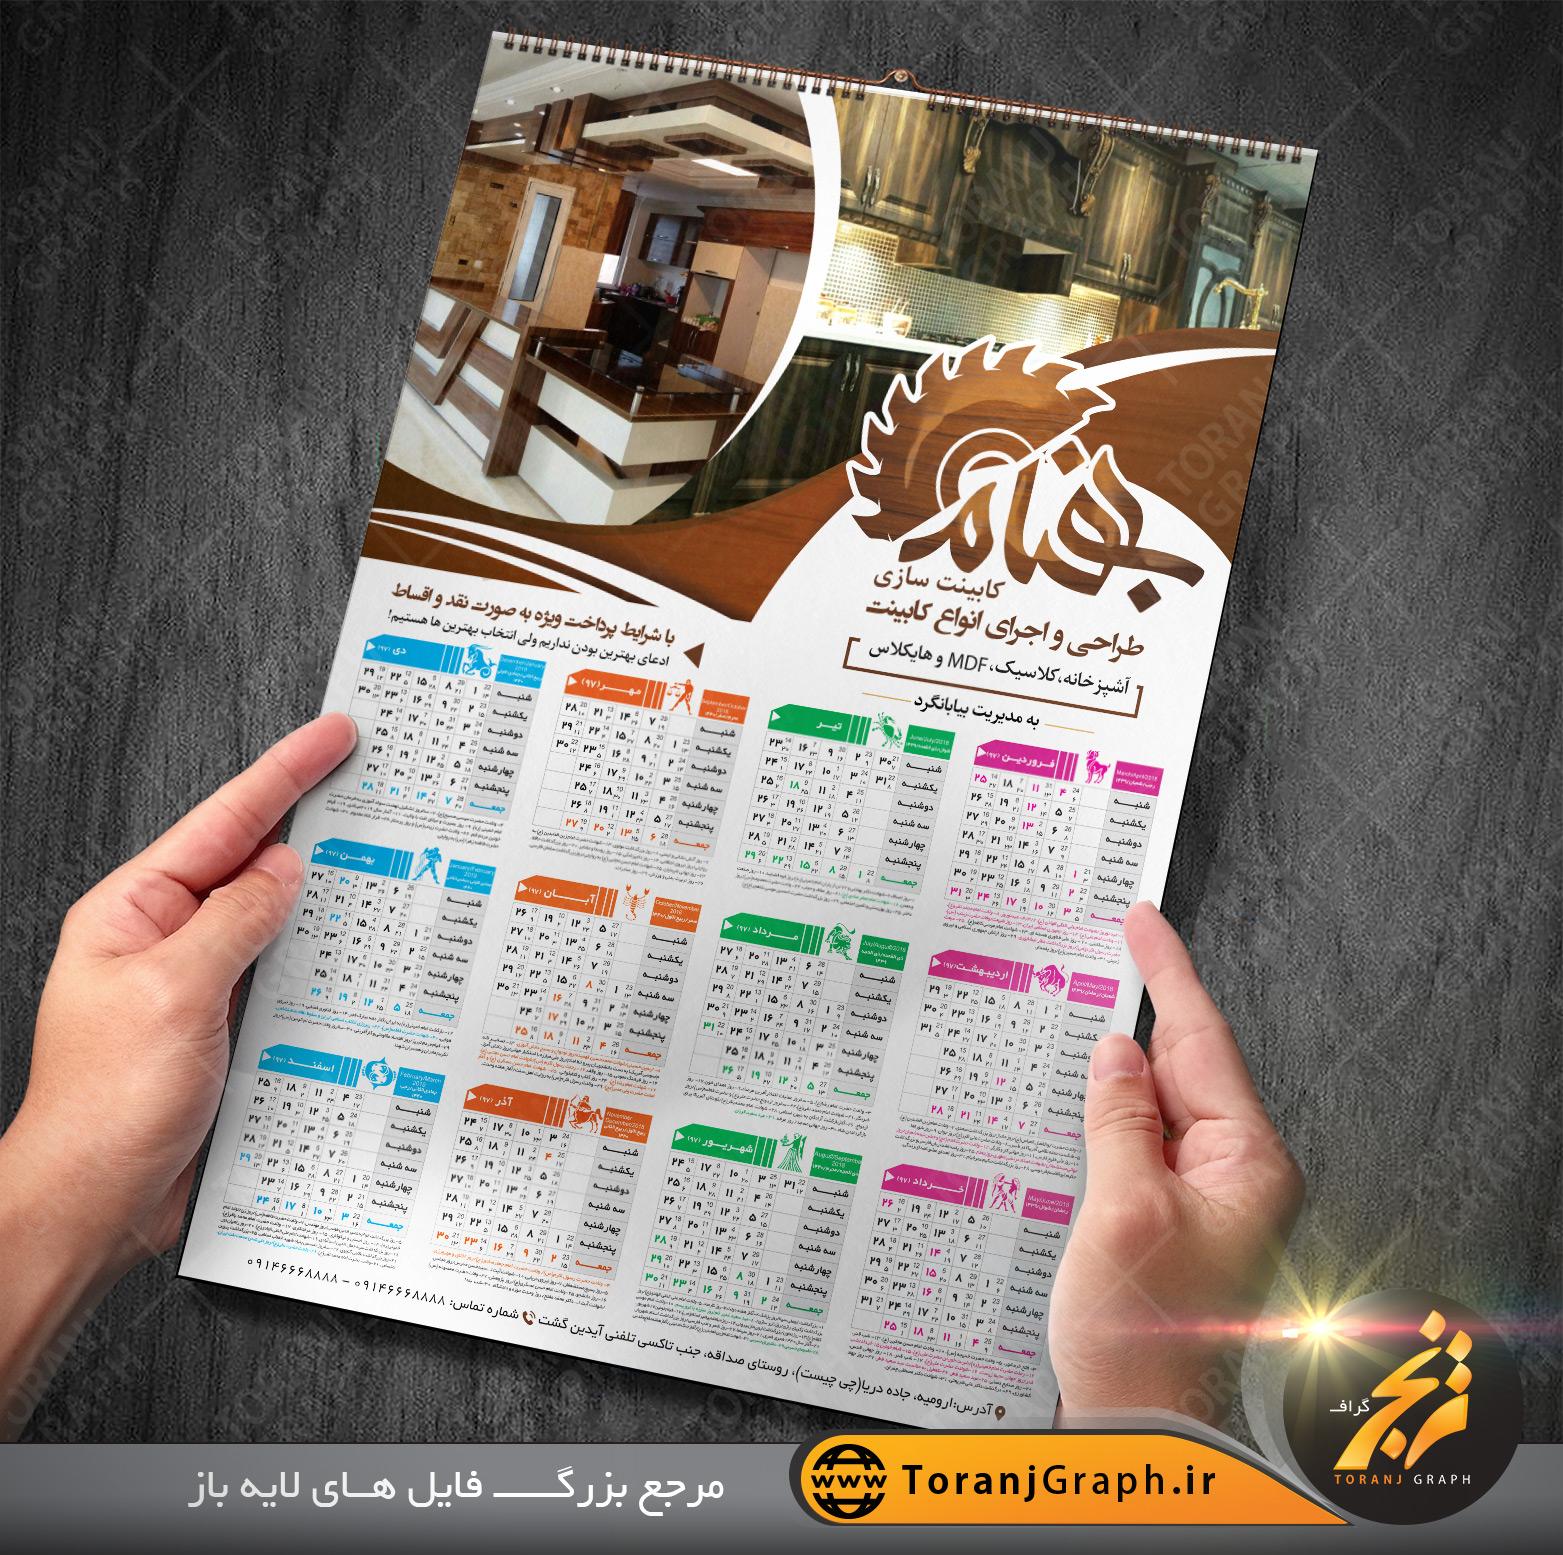 تقویم لایه باز ۹۷ کابینت سازی